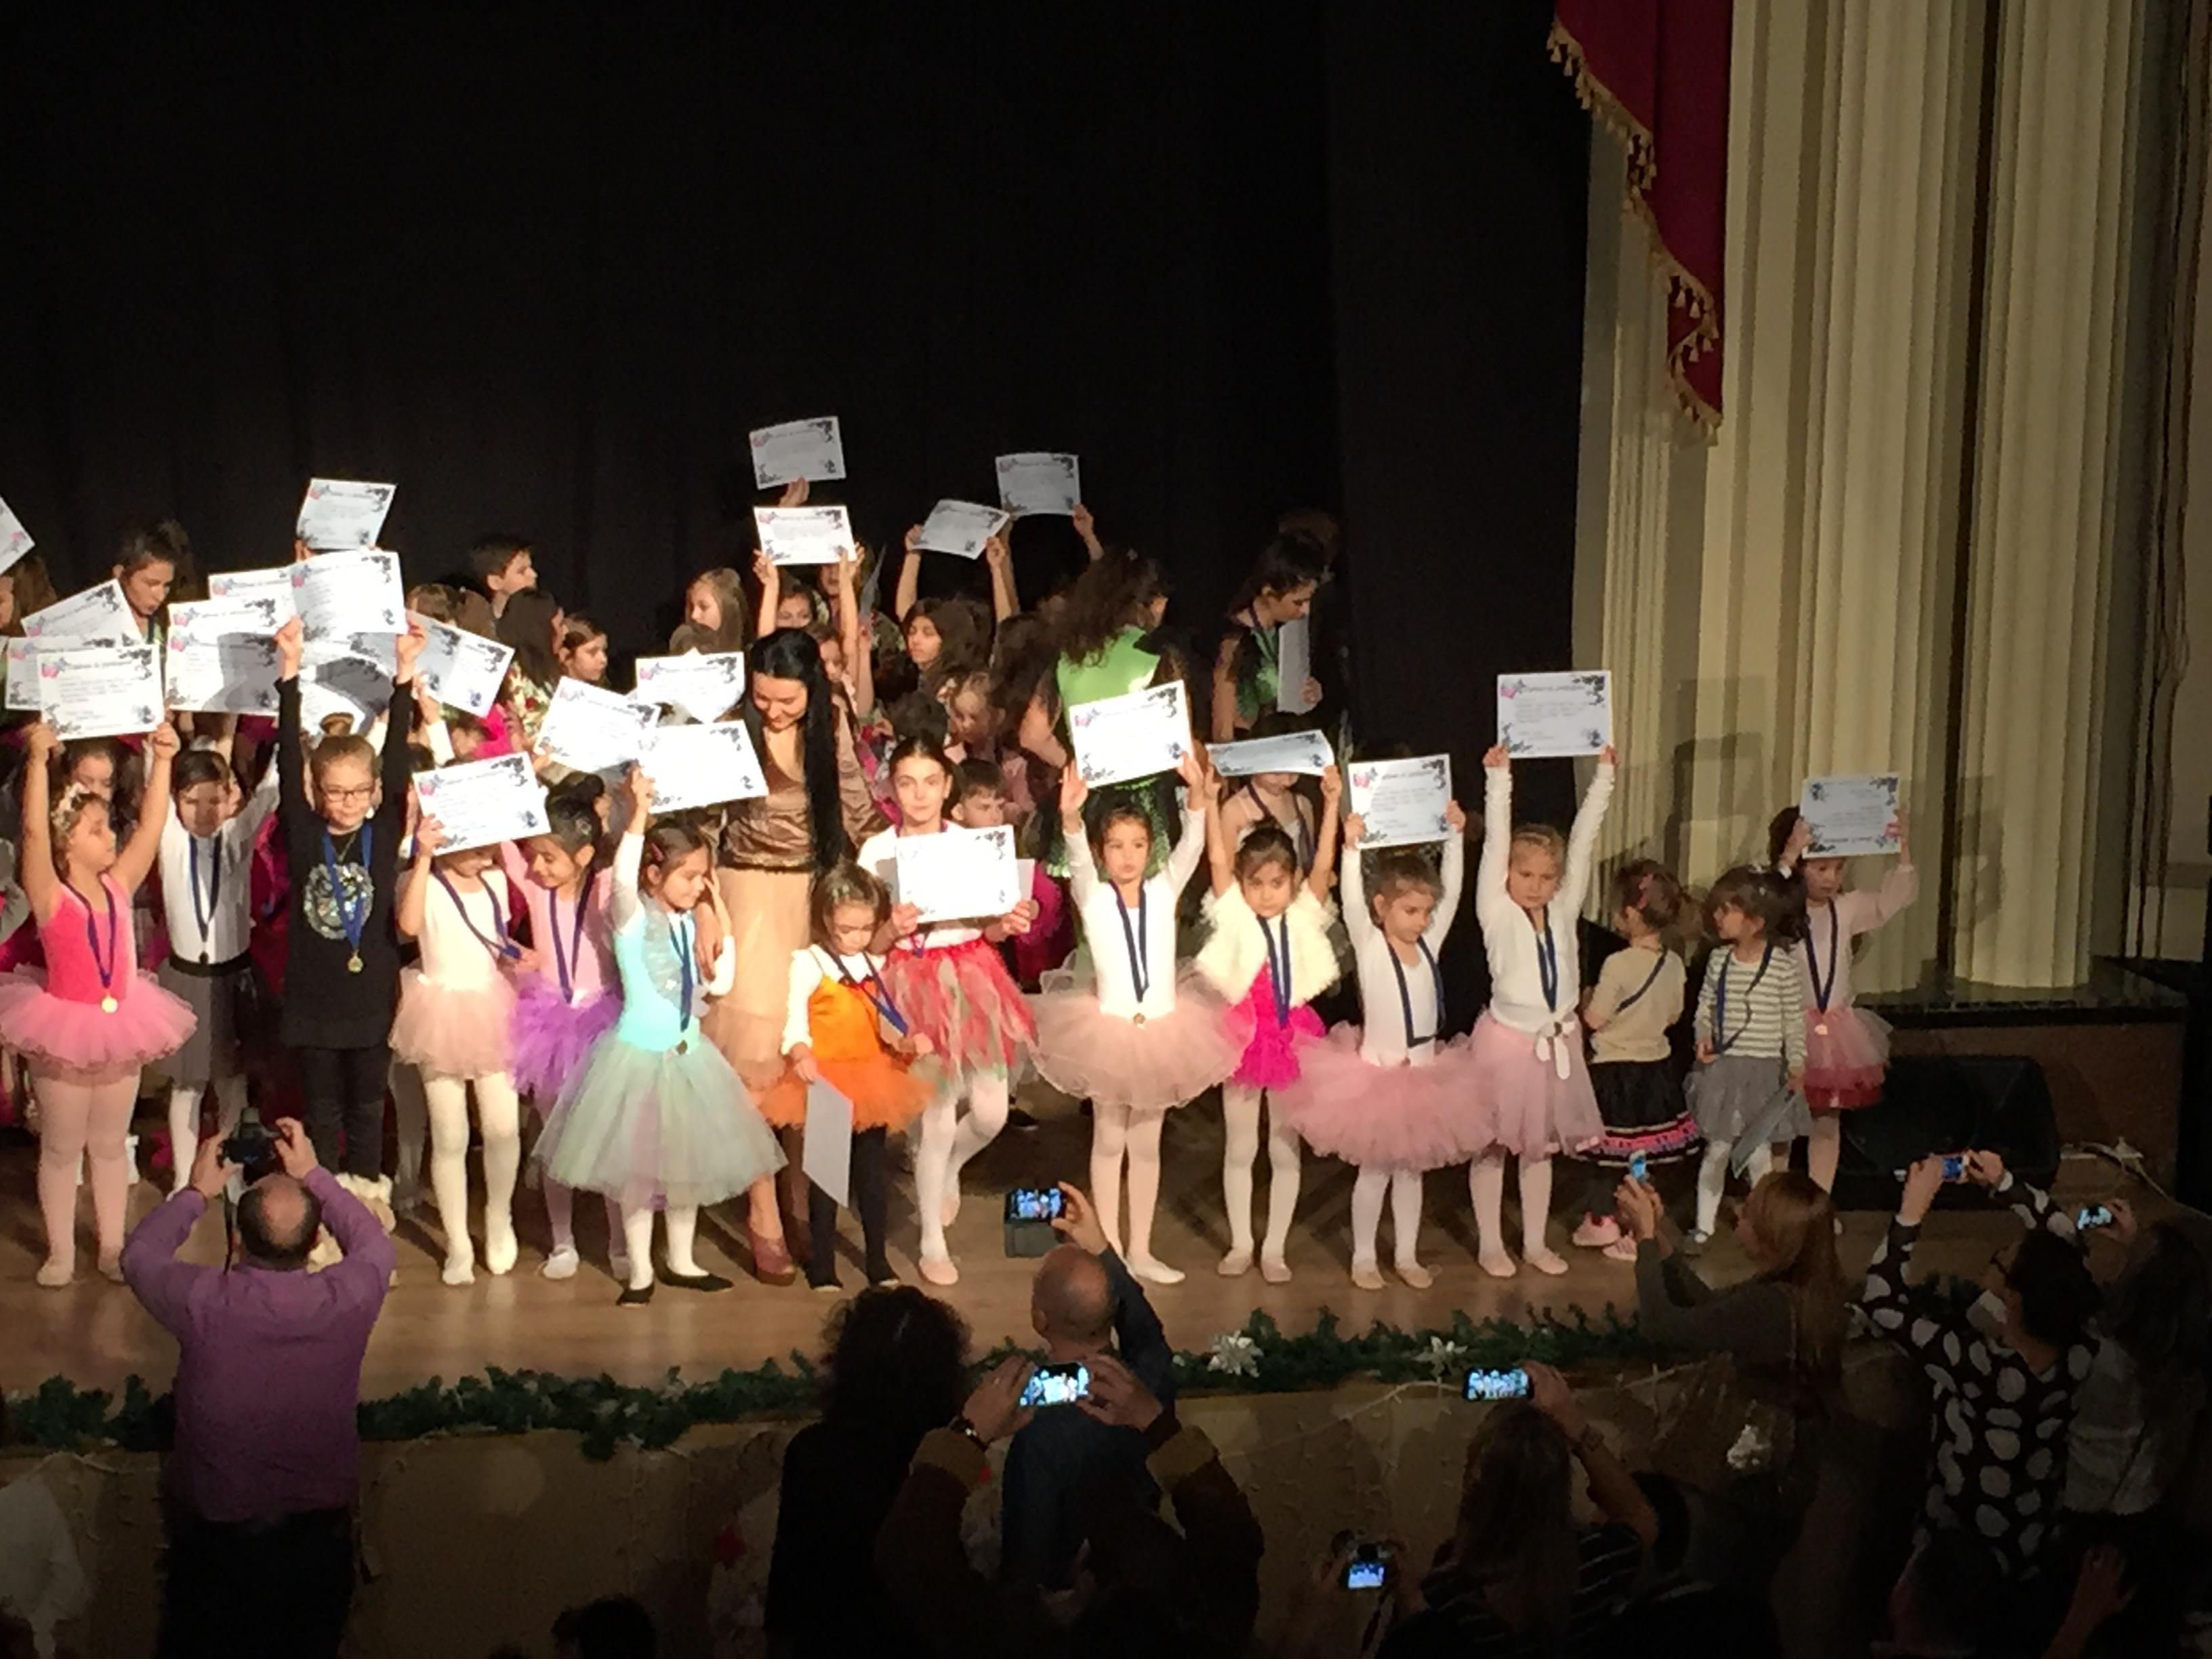 balet-festivalul-criss-dance